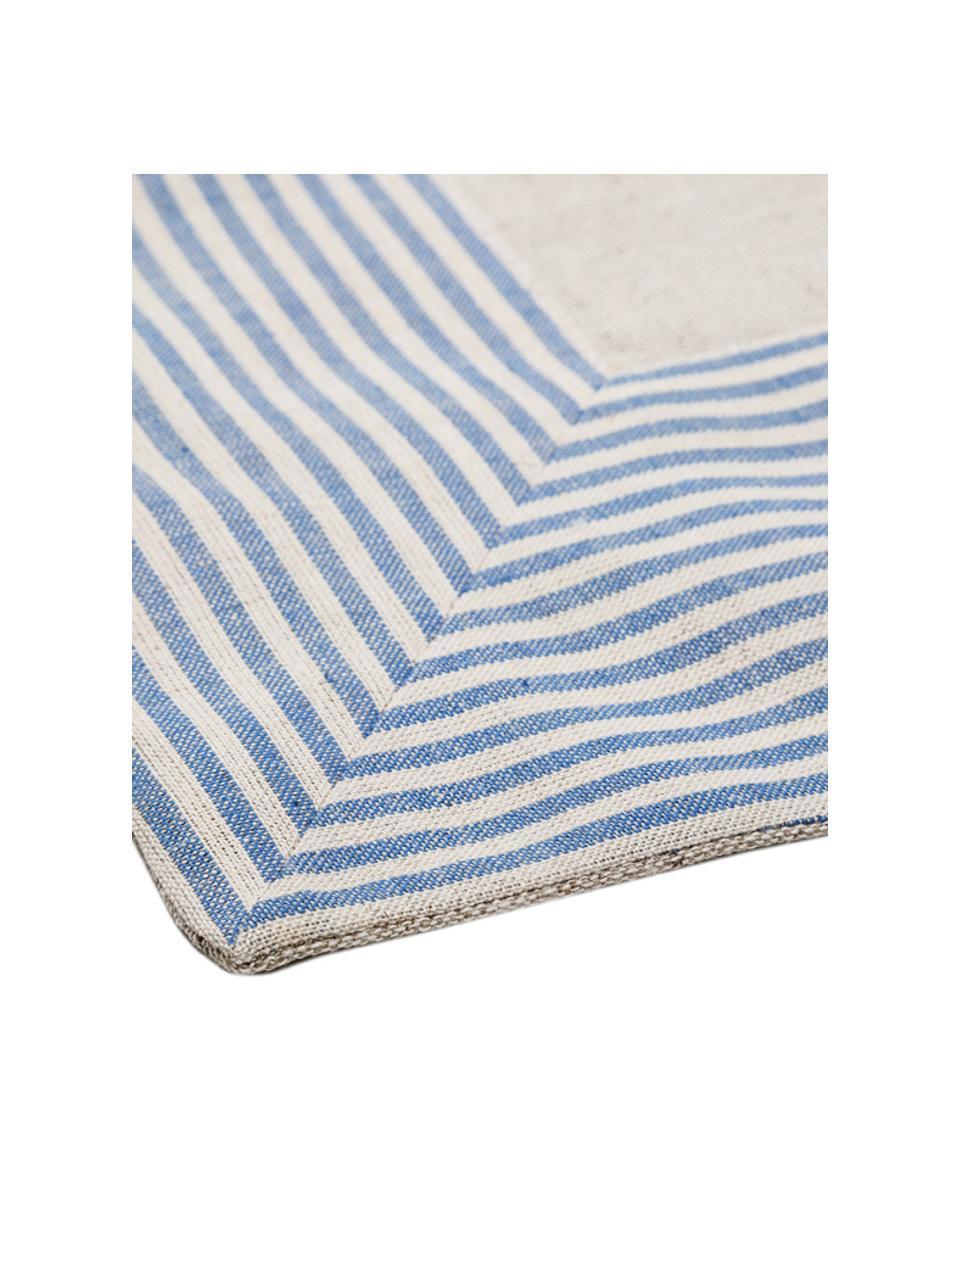 Leinengemisch-Tischdecke Milda in Beige mit blauen Streifen, Blau, Beige, Für 2 - 4 Personen (B 90 x L 90 cm)